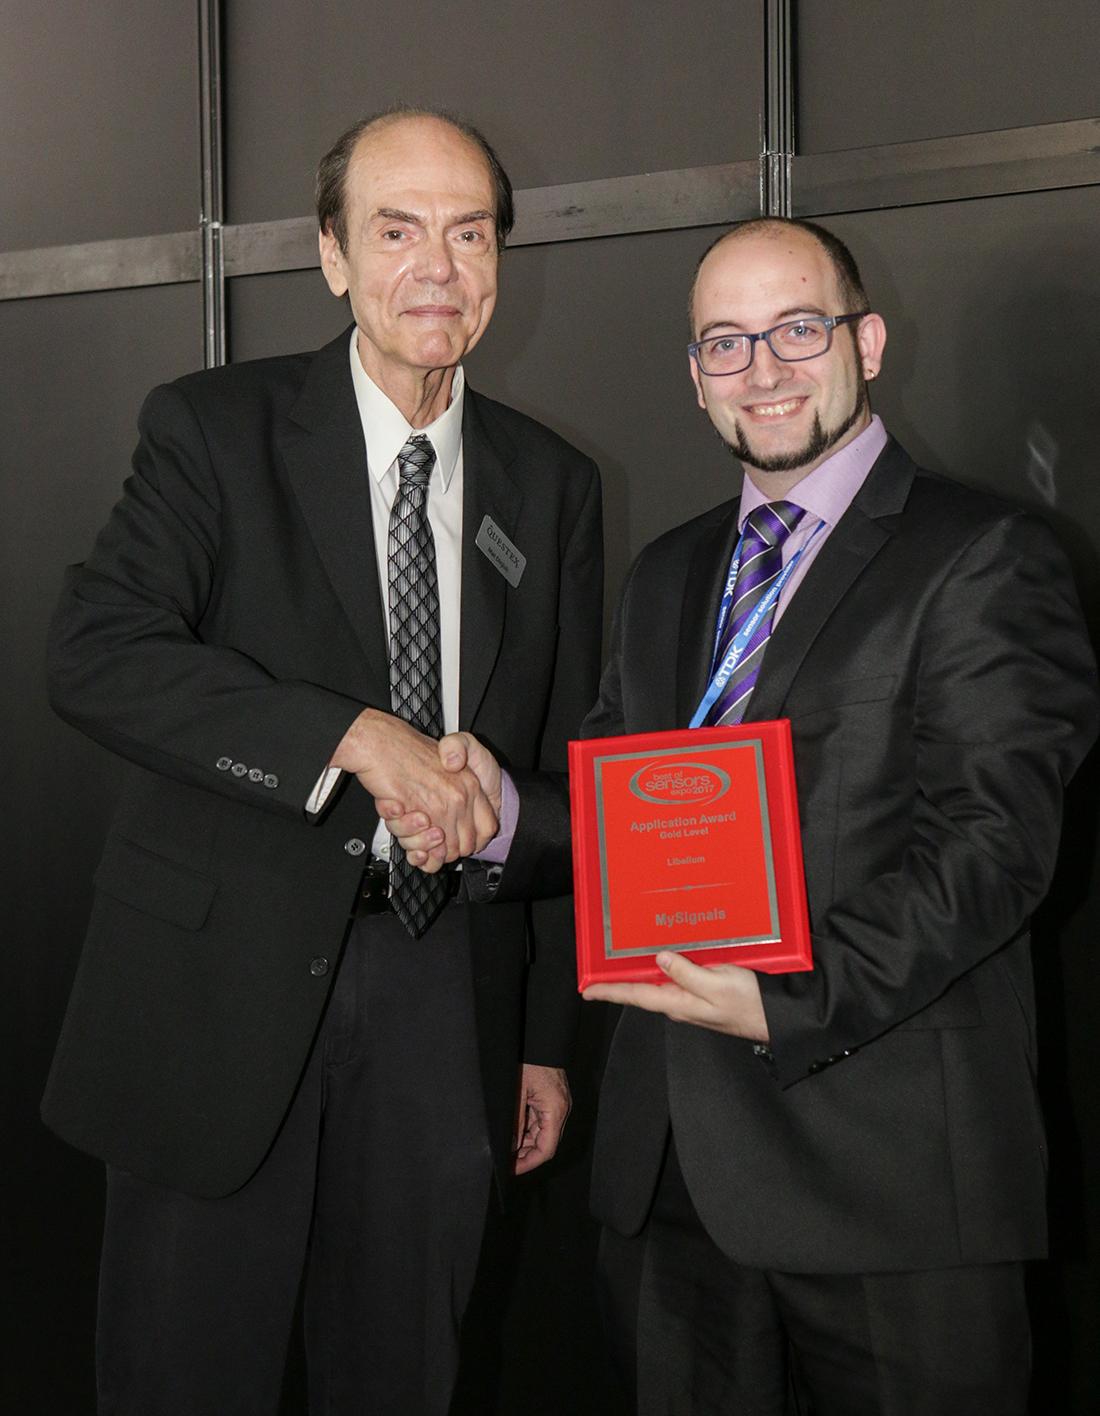 David Bordonada receiving BOSE Awards to MySignals from Mat Dirjish